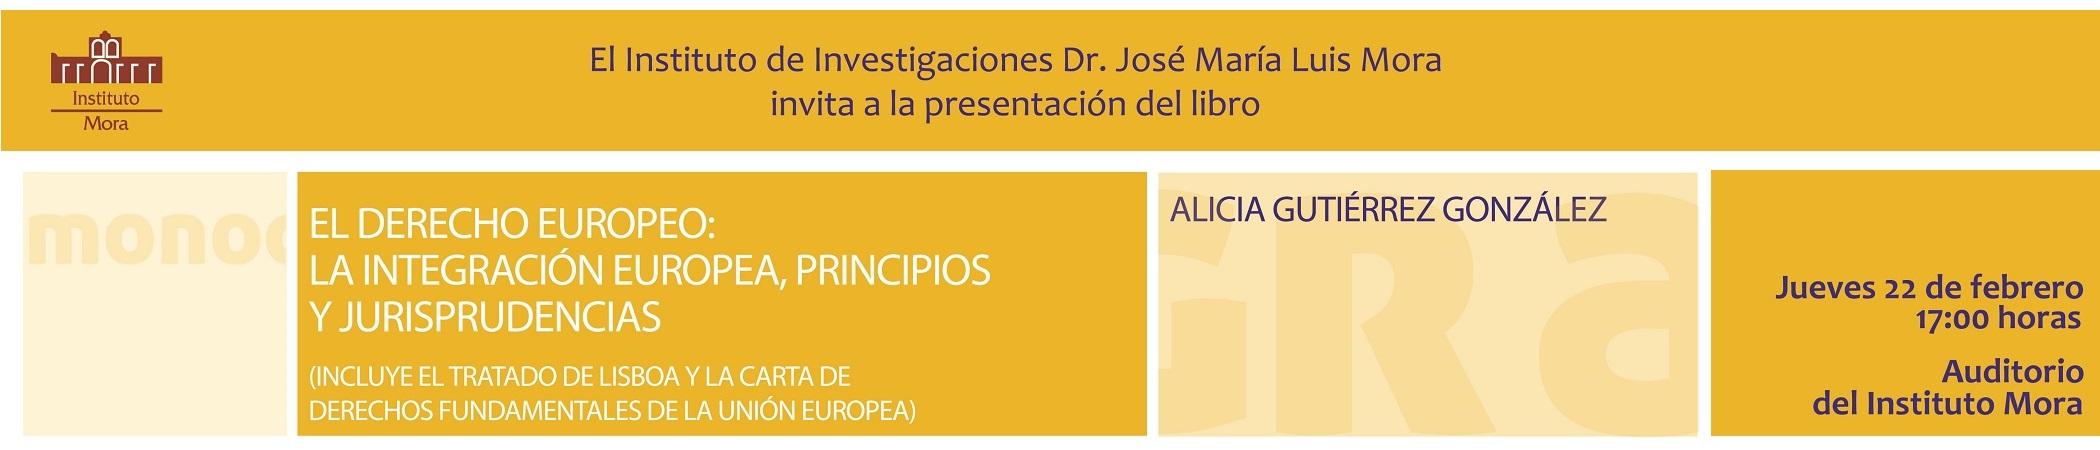 Presentación del libro El Derecho Europeo: La integración europea, principios y jurisprudencias